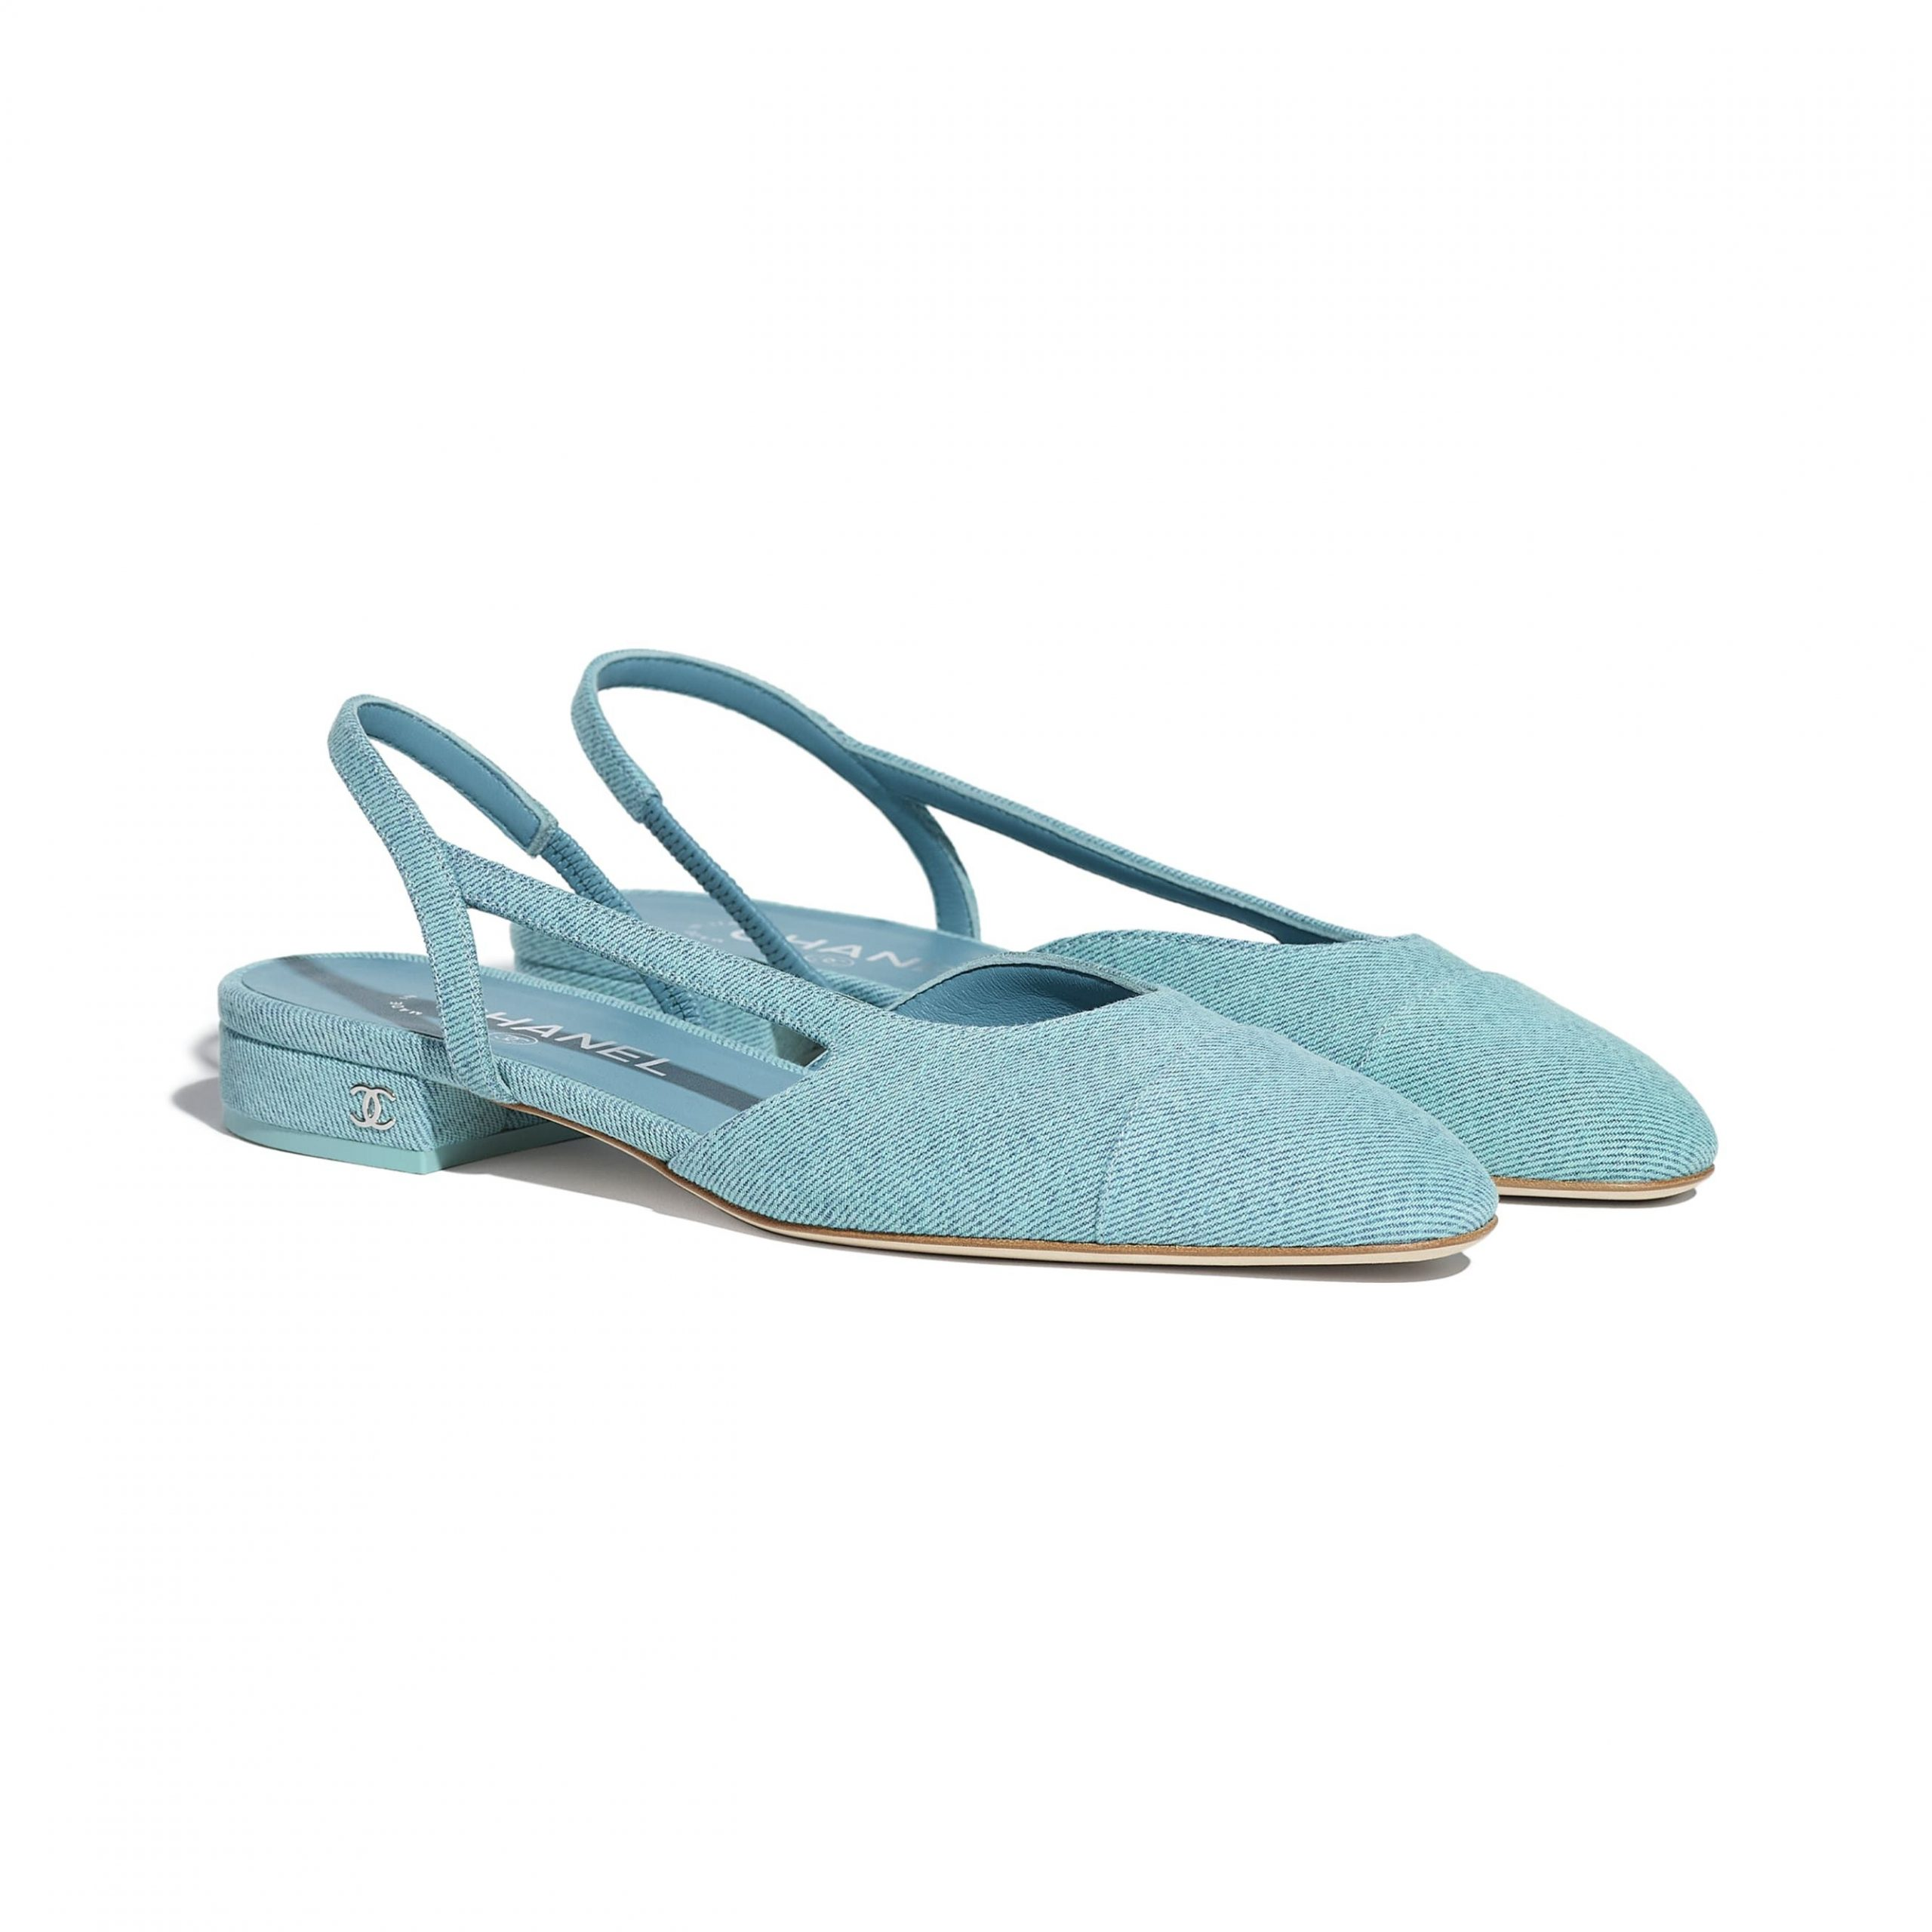 Giày slingback chanel đế bệt vải jean màu baby blue